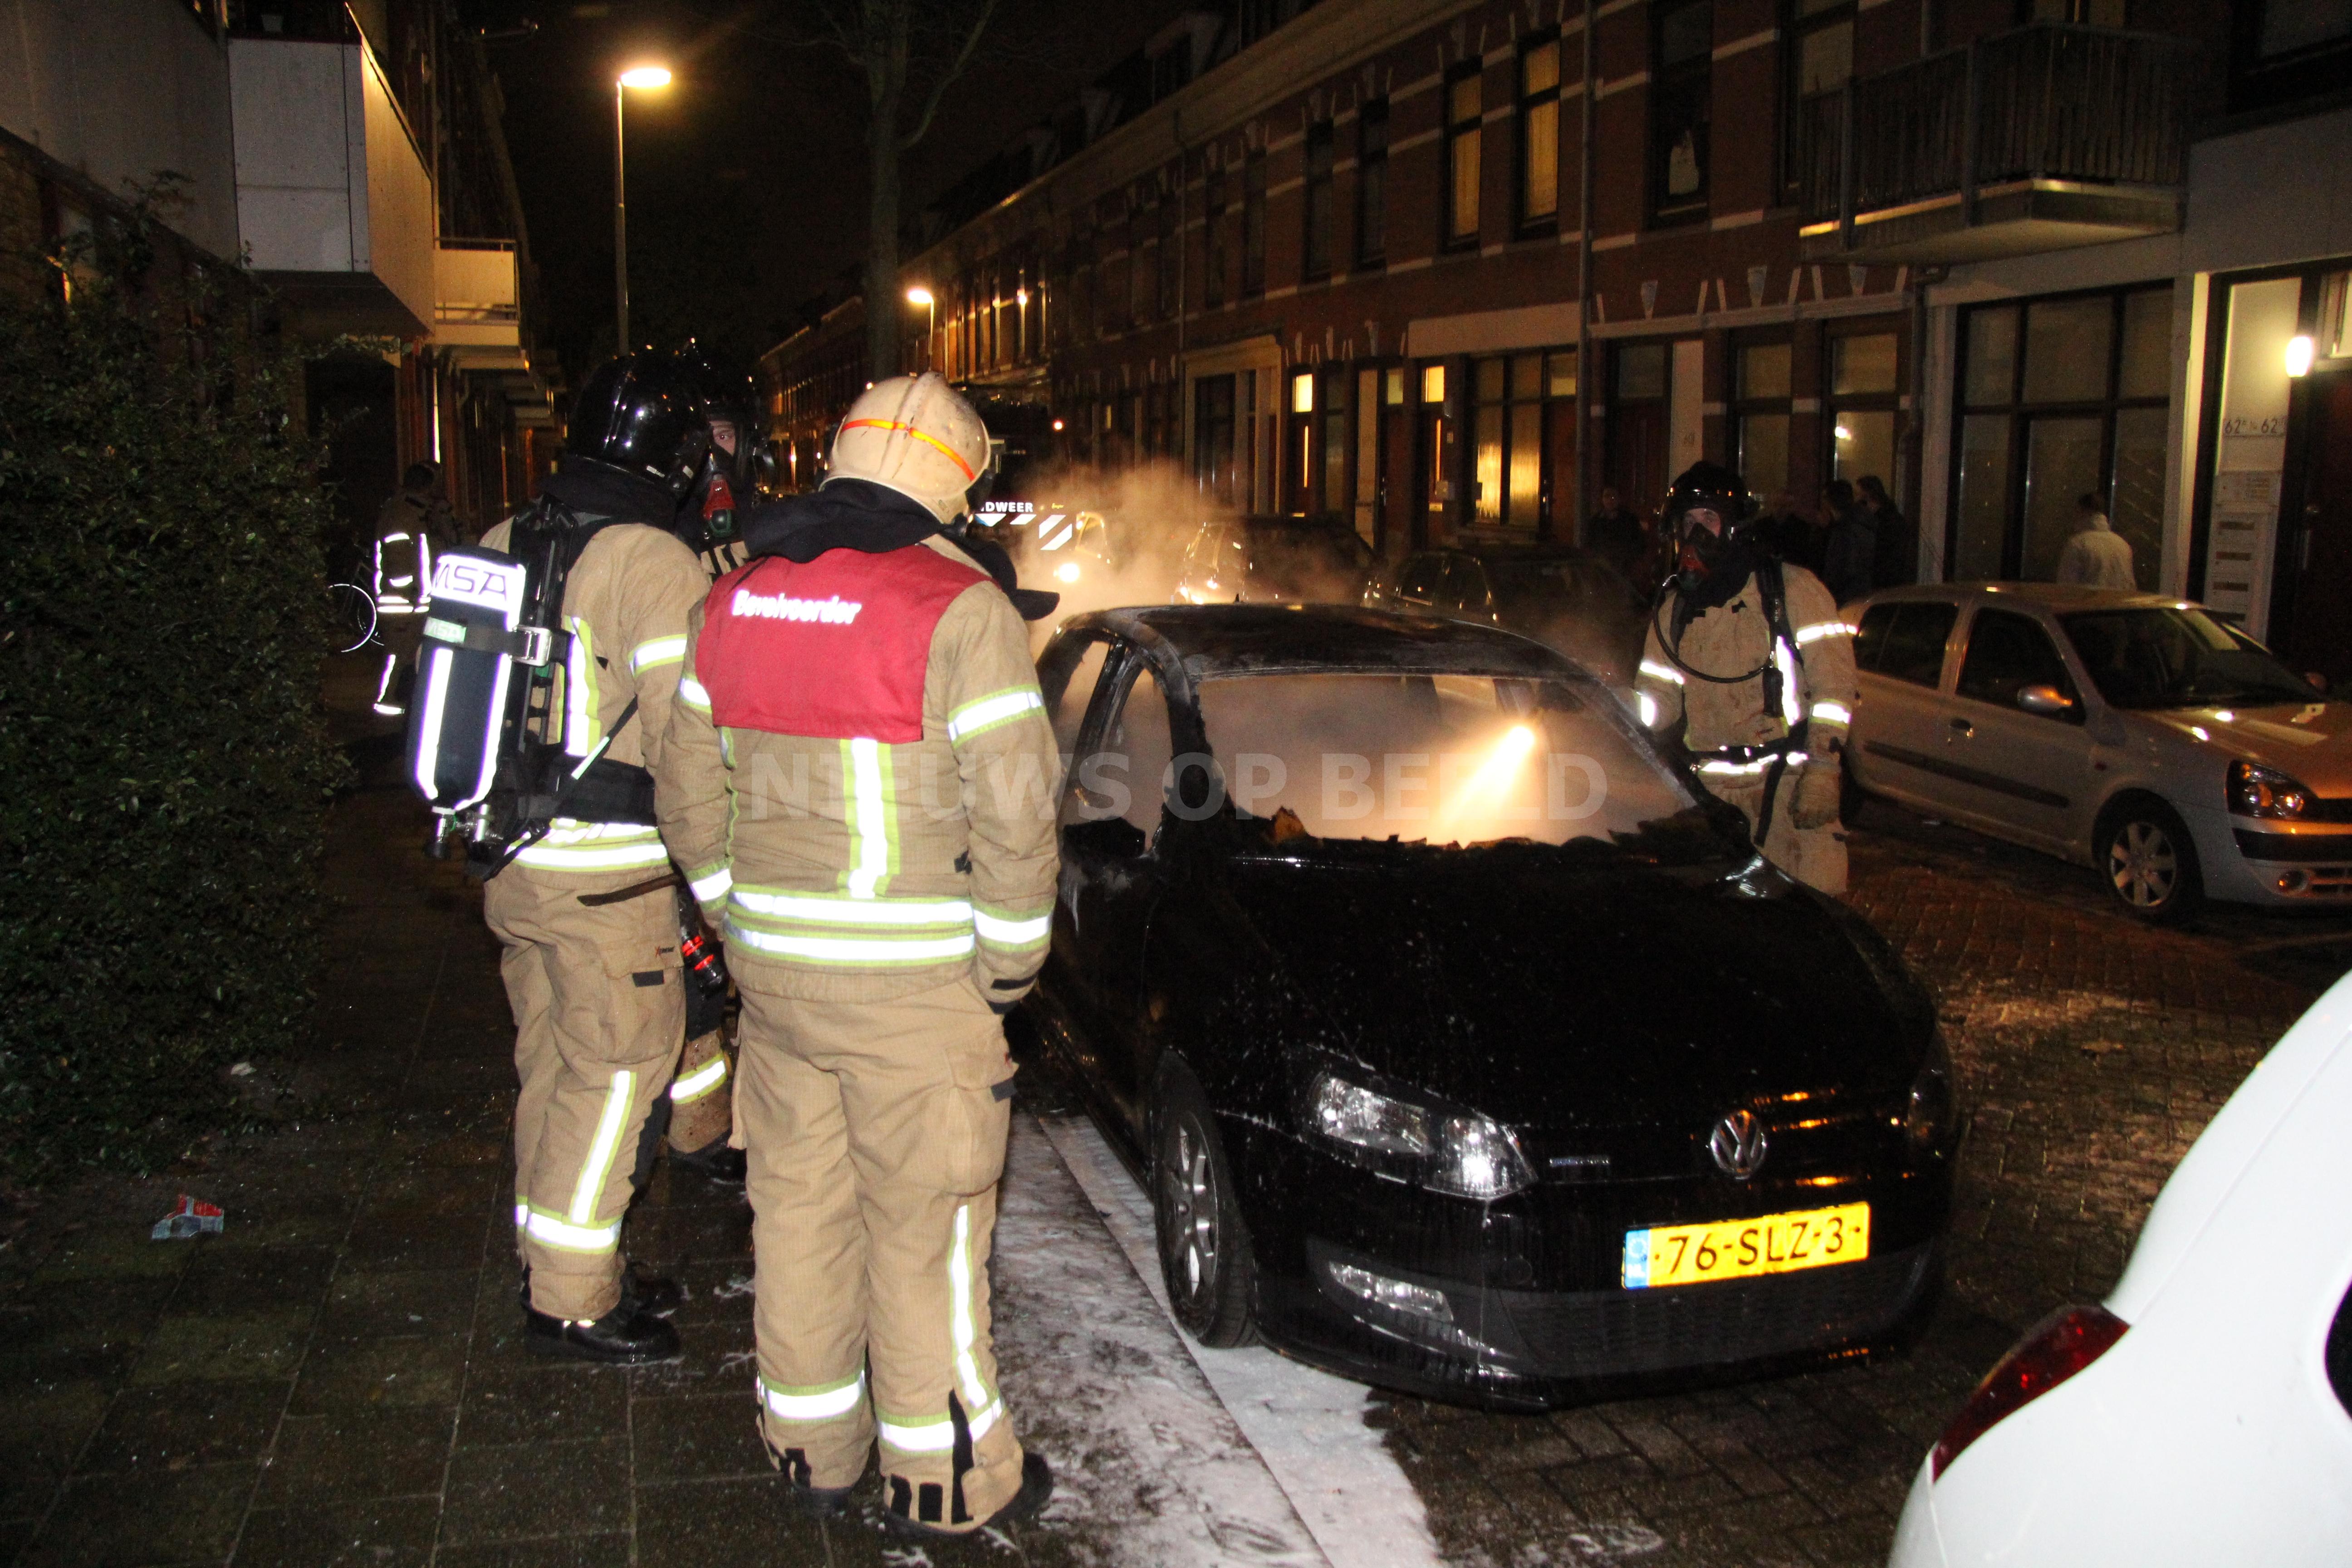 Auto volledig uitgebrand Ooievaarstraat Rotterdam